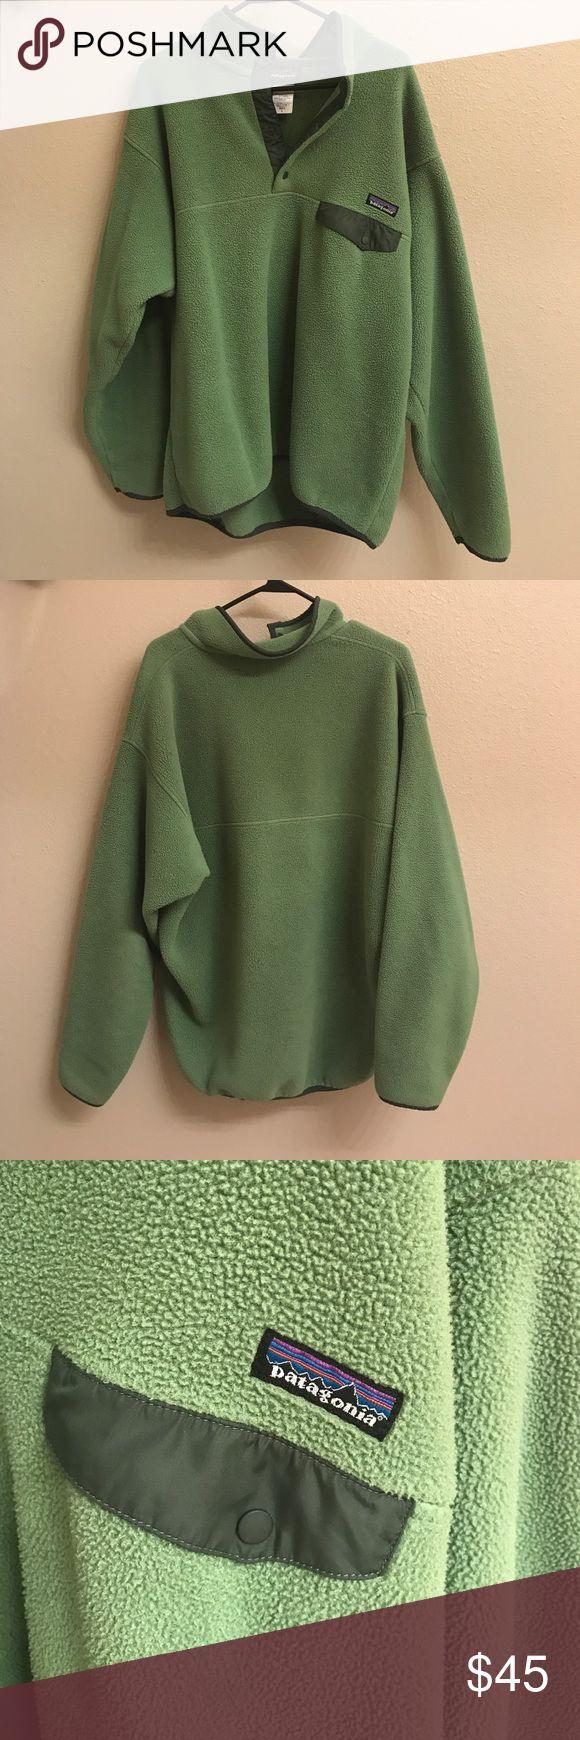 men's large Patagonia pullover men's large Patagonia pullover Patagonia Jackets & Coats